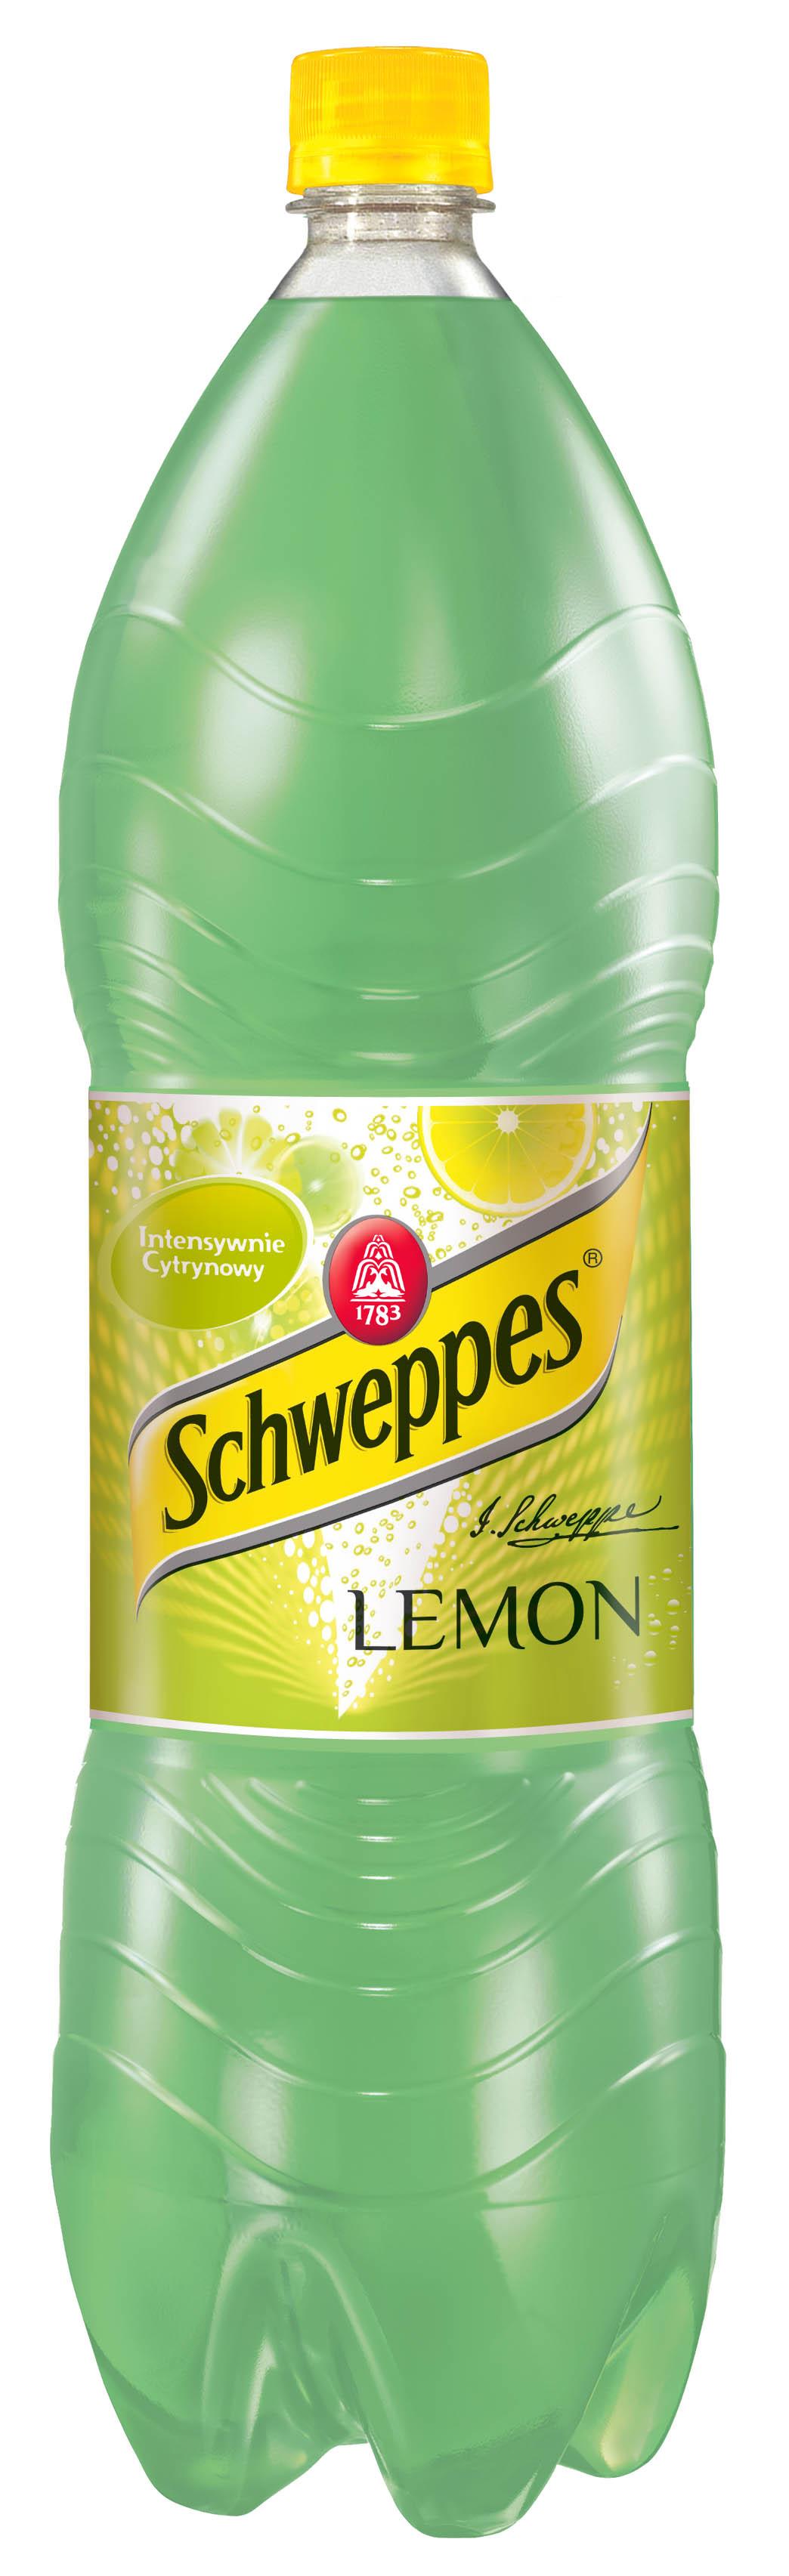 Schweppes, napój gazowany o smaku cytrynowym, 1,5 l Image